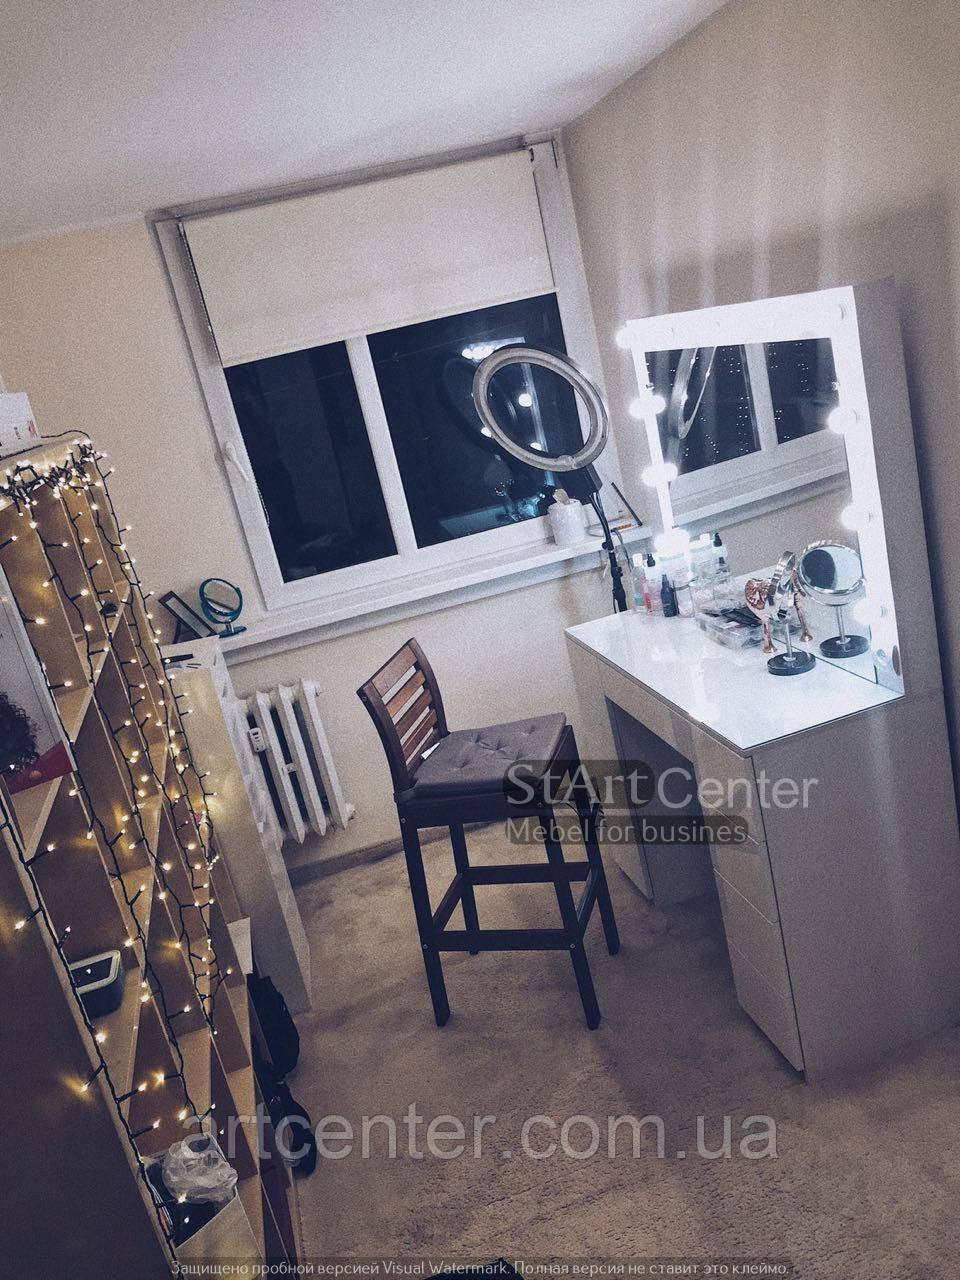 Стіл для візажиста з фасадами з МДФ, системою push-to-open в ящиках для візажиста, перукаря